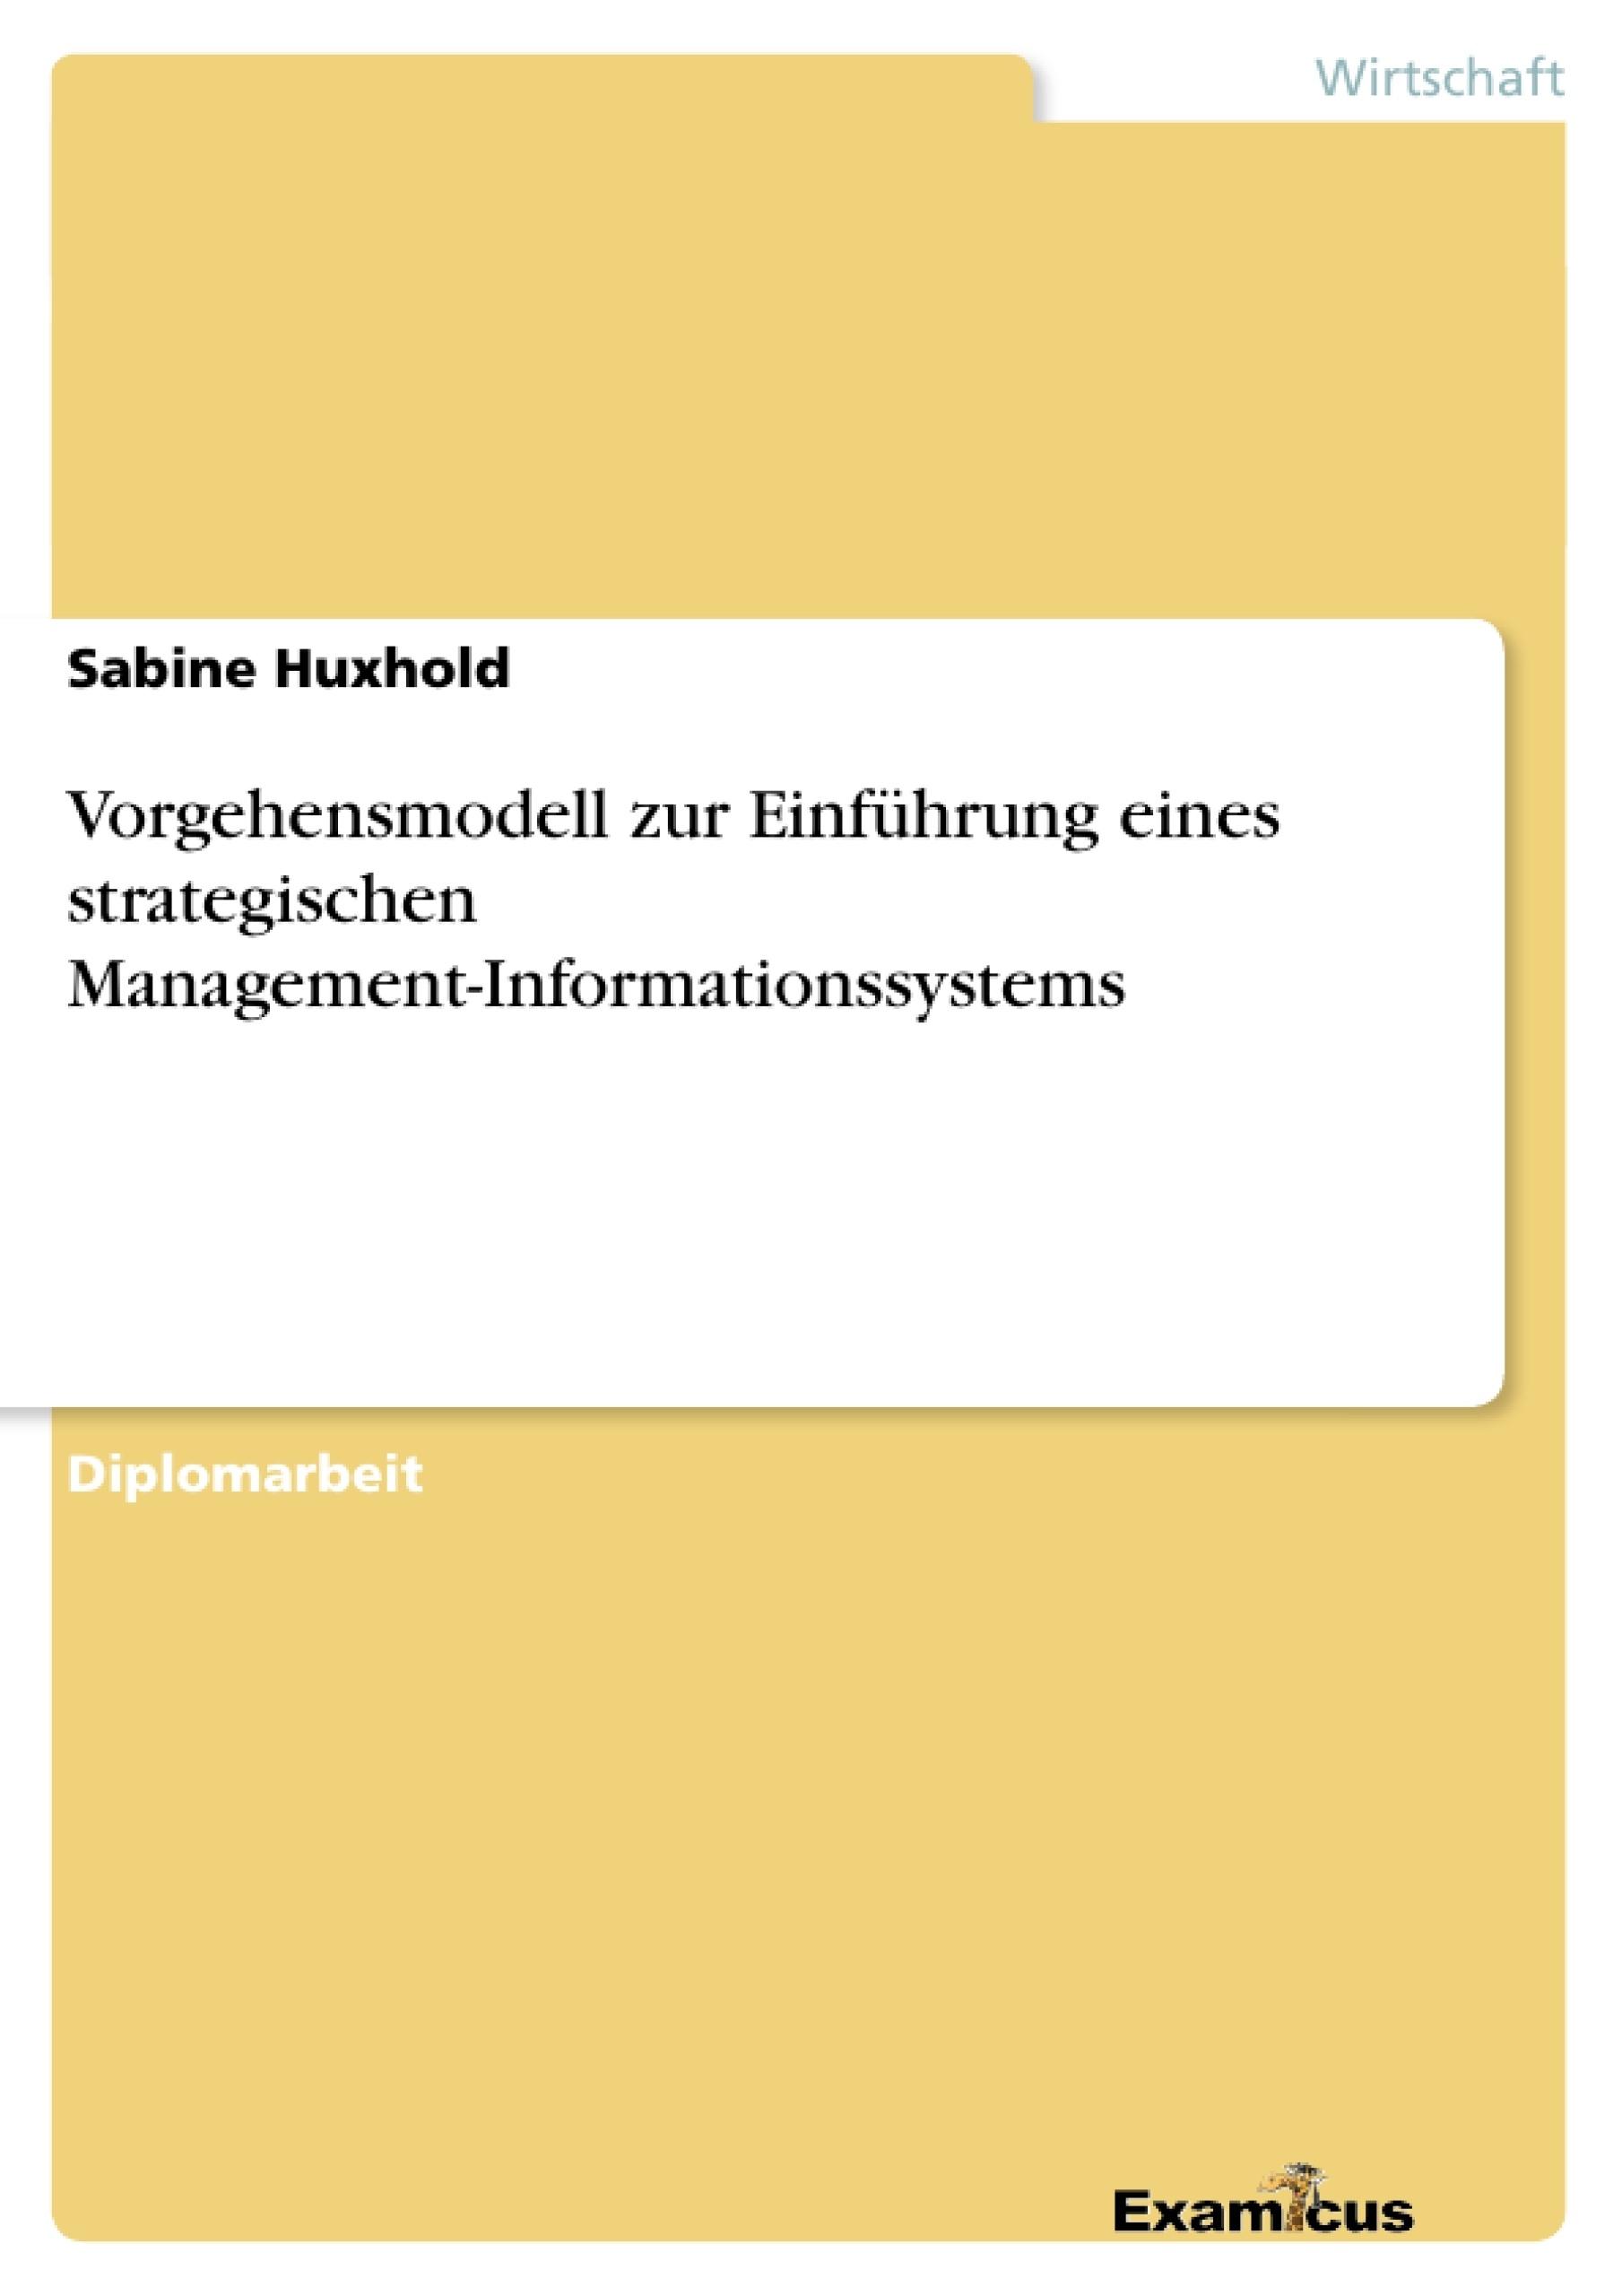 Titel: Vorgehensmodell zur Einführung eines strategischen Management-Informationssystems